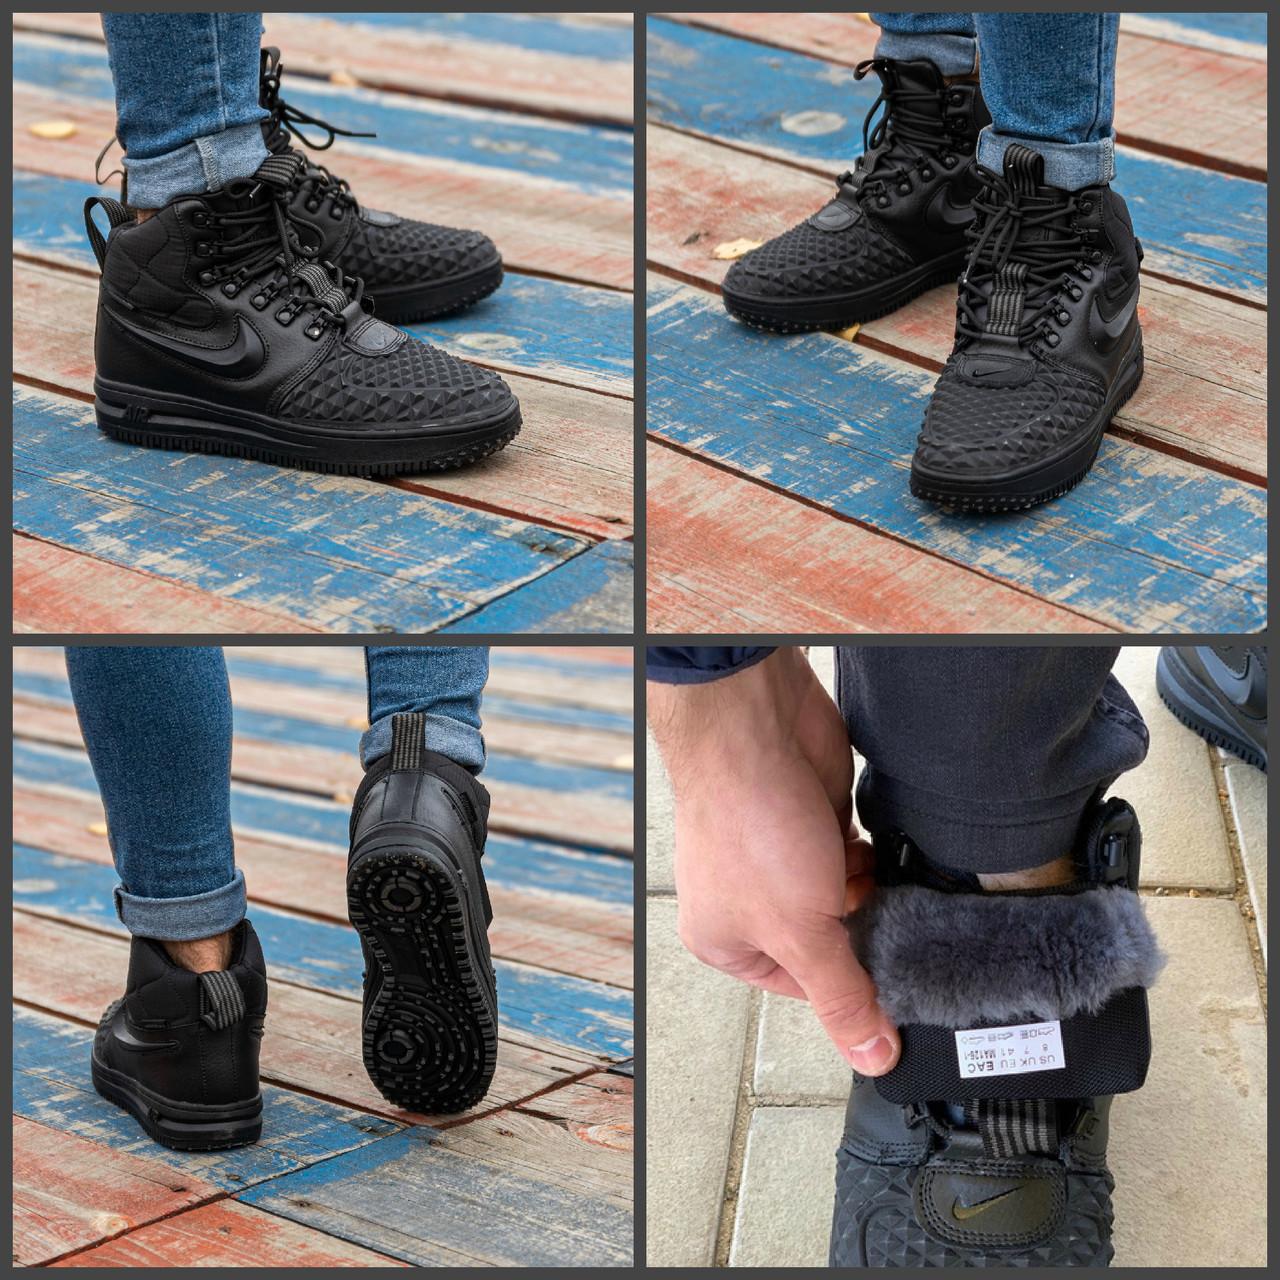 Мужские зимние кроссовки в стиле Nike Lunar Force 1 Duckboot с мехом (42, 44, 45 размеры)